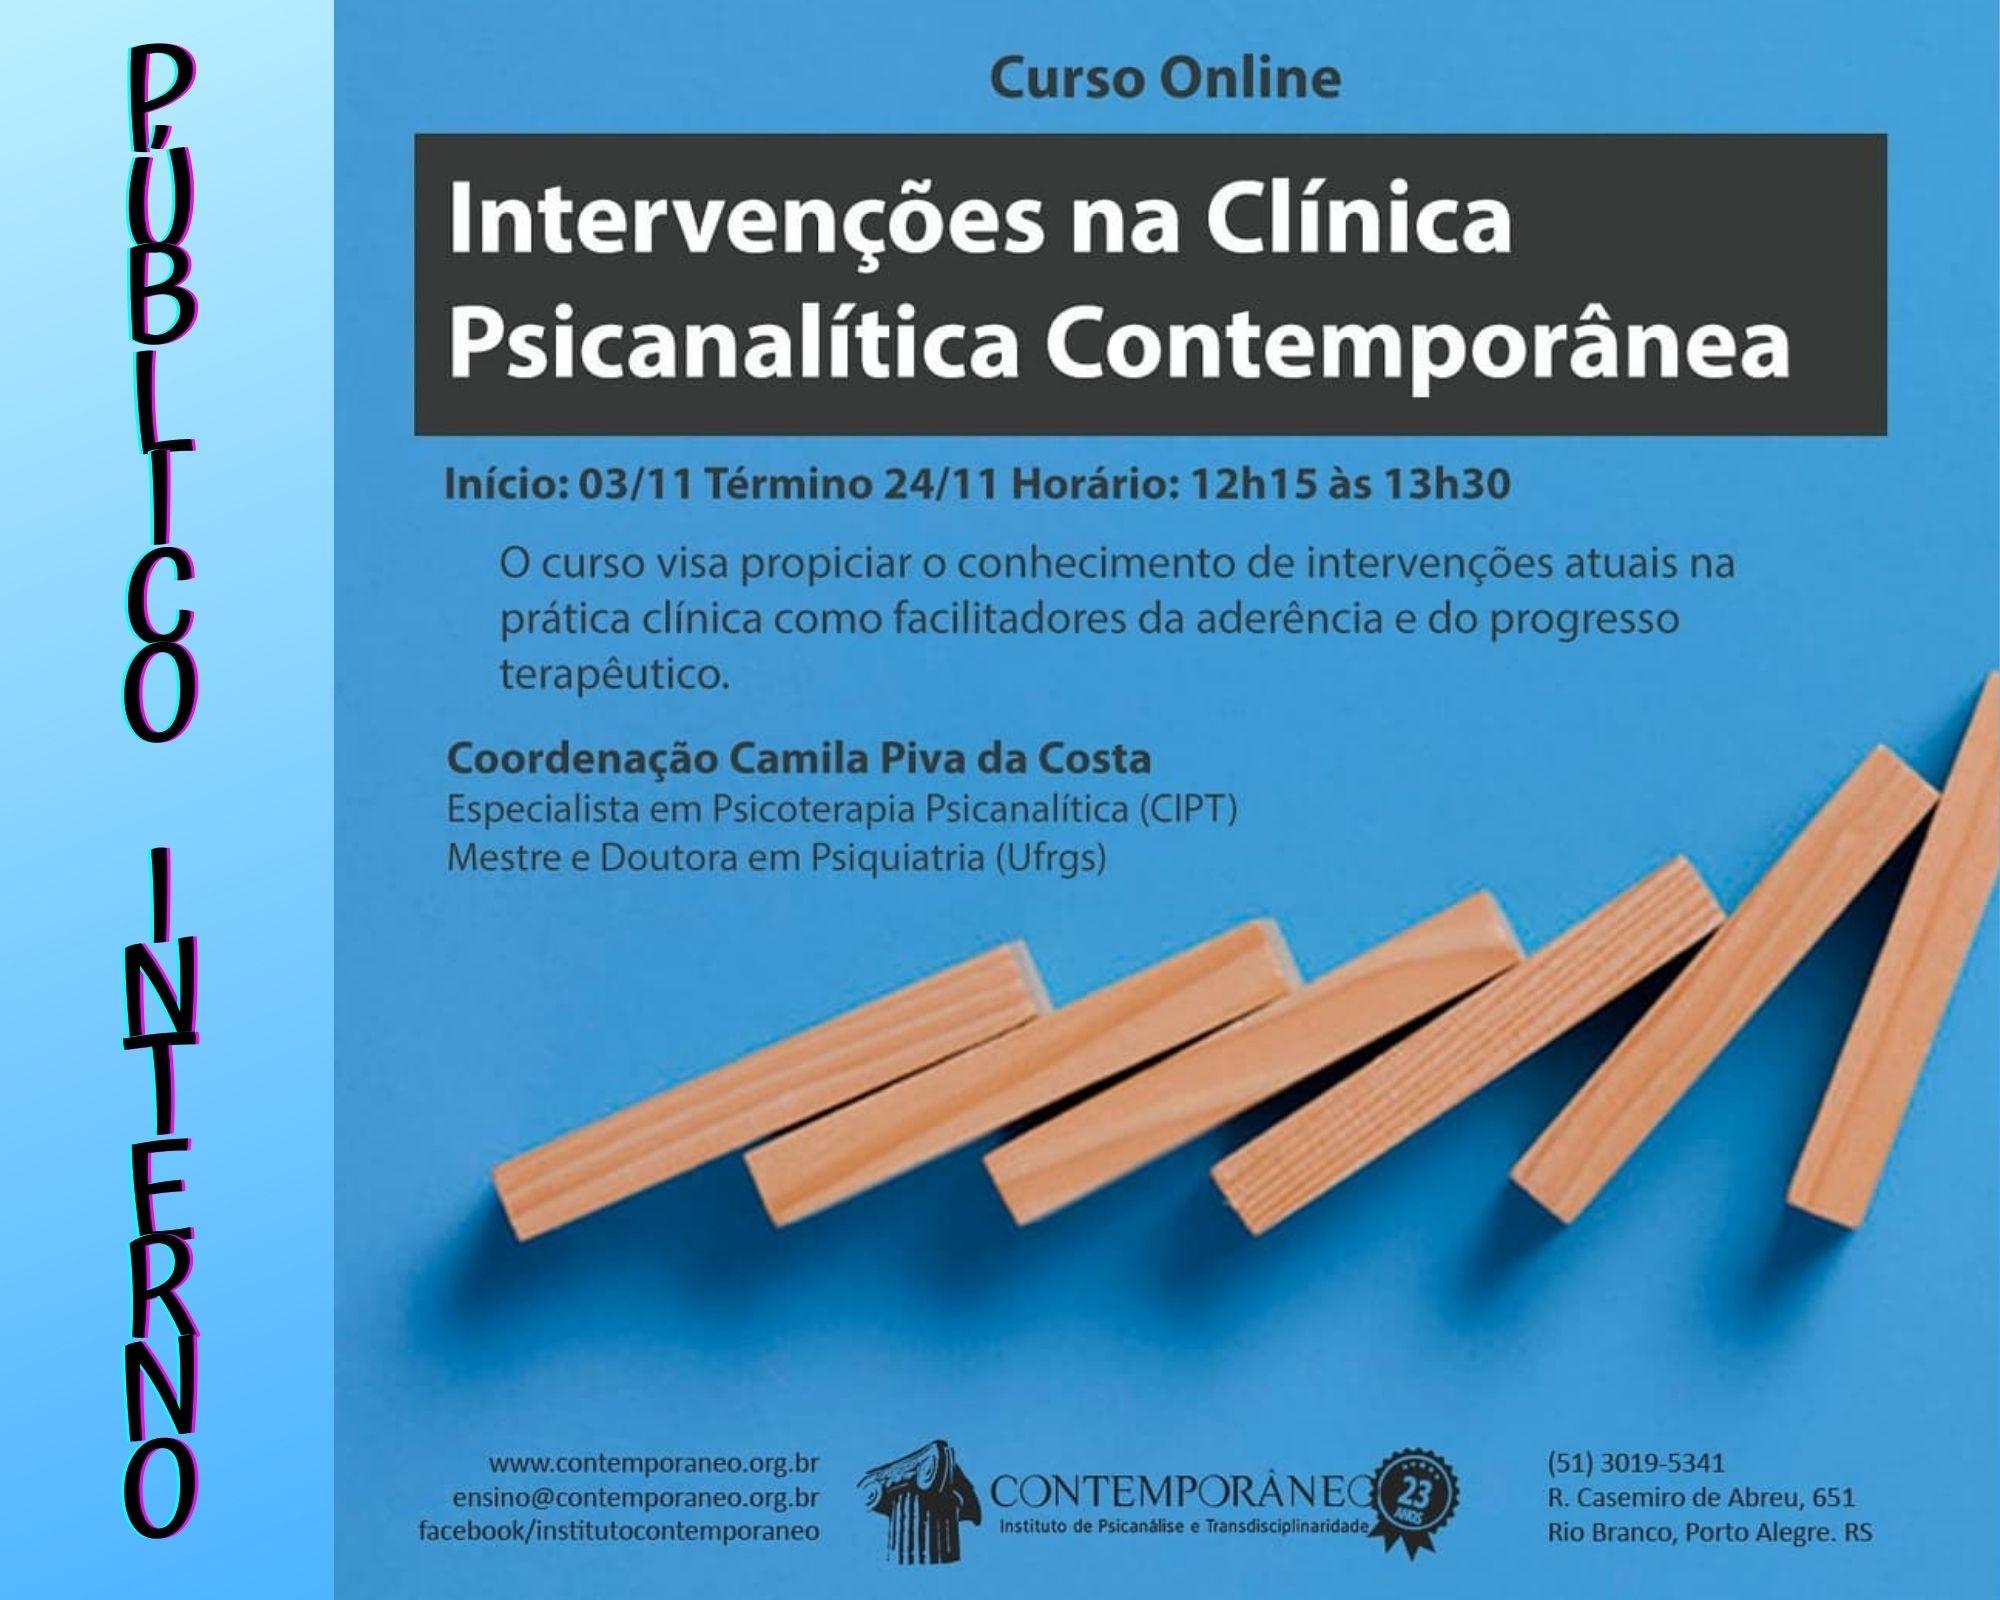 Curso para Intervenções na Clínica Psicanalítica Contemporânea - Público Interno